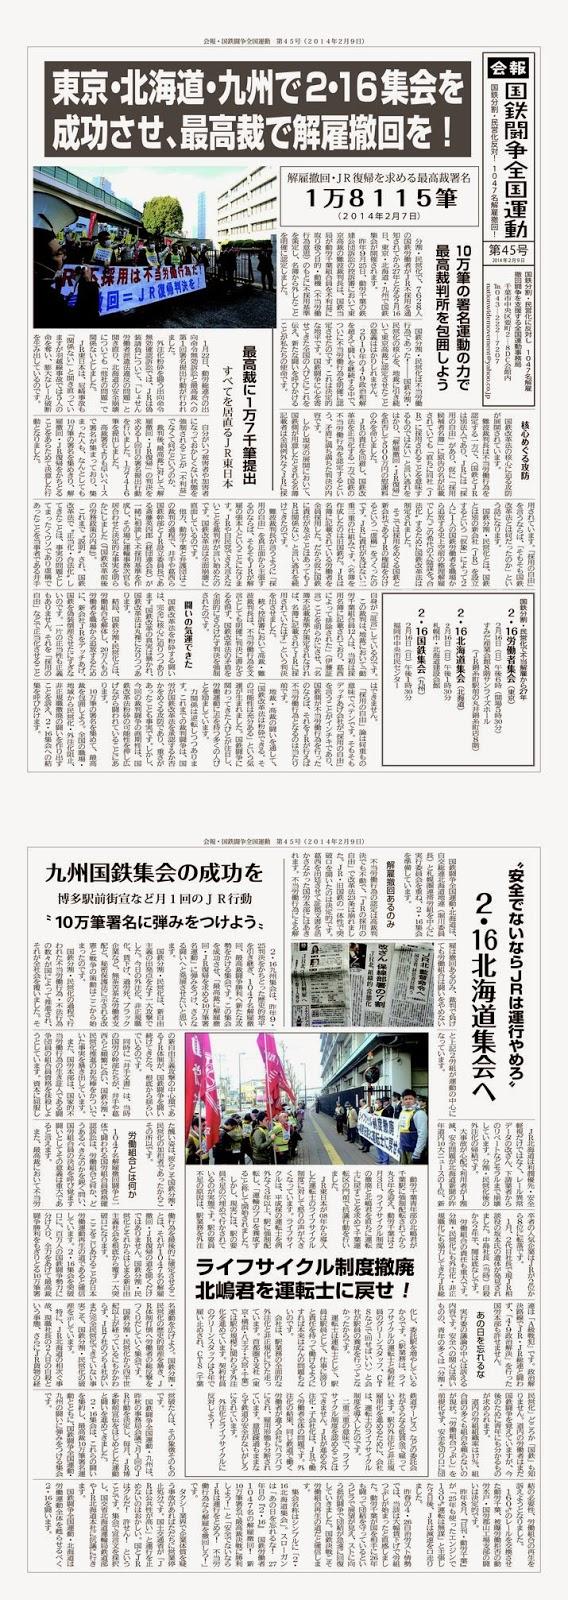 http://www.doro-chiba.org/z-undou/pdf/news_45.pdf